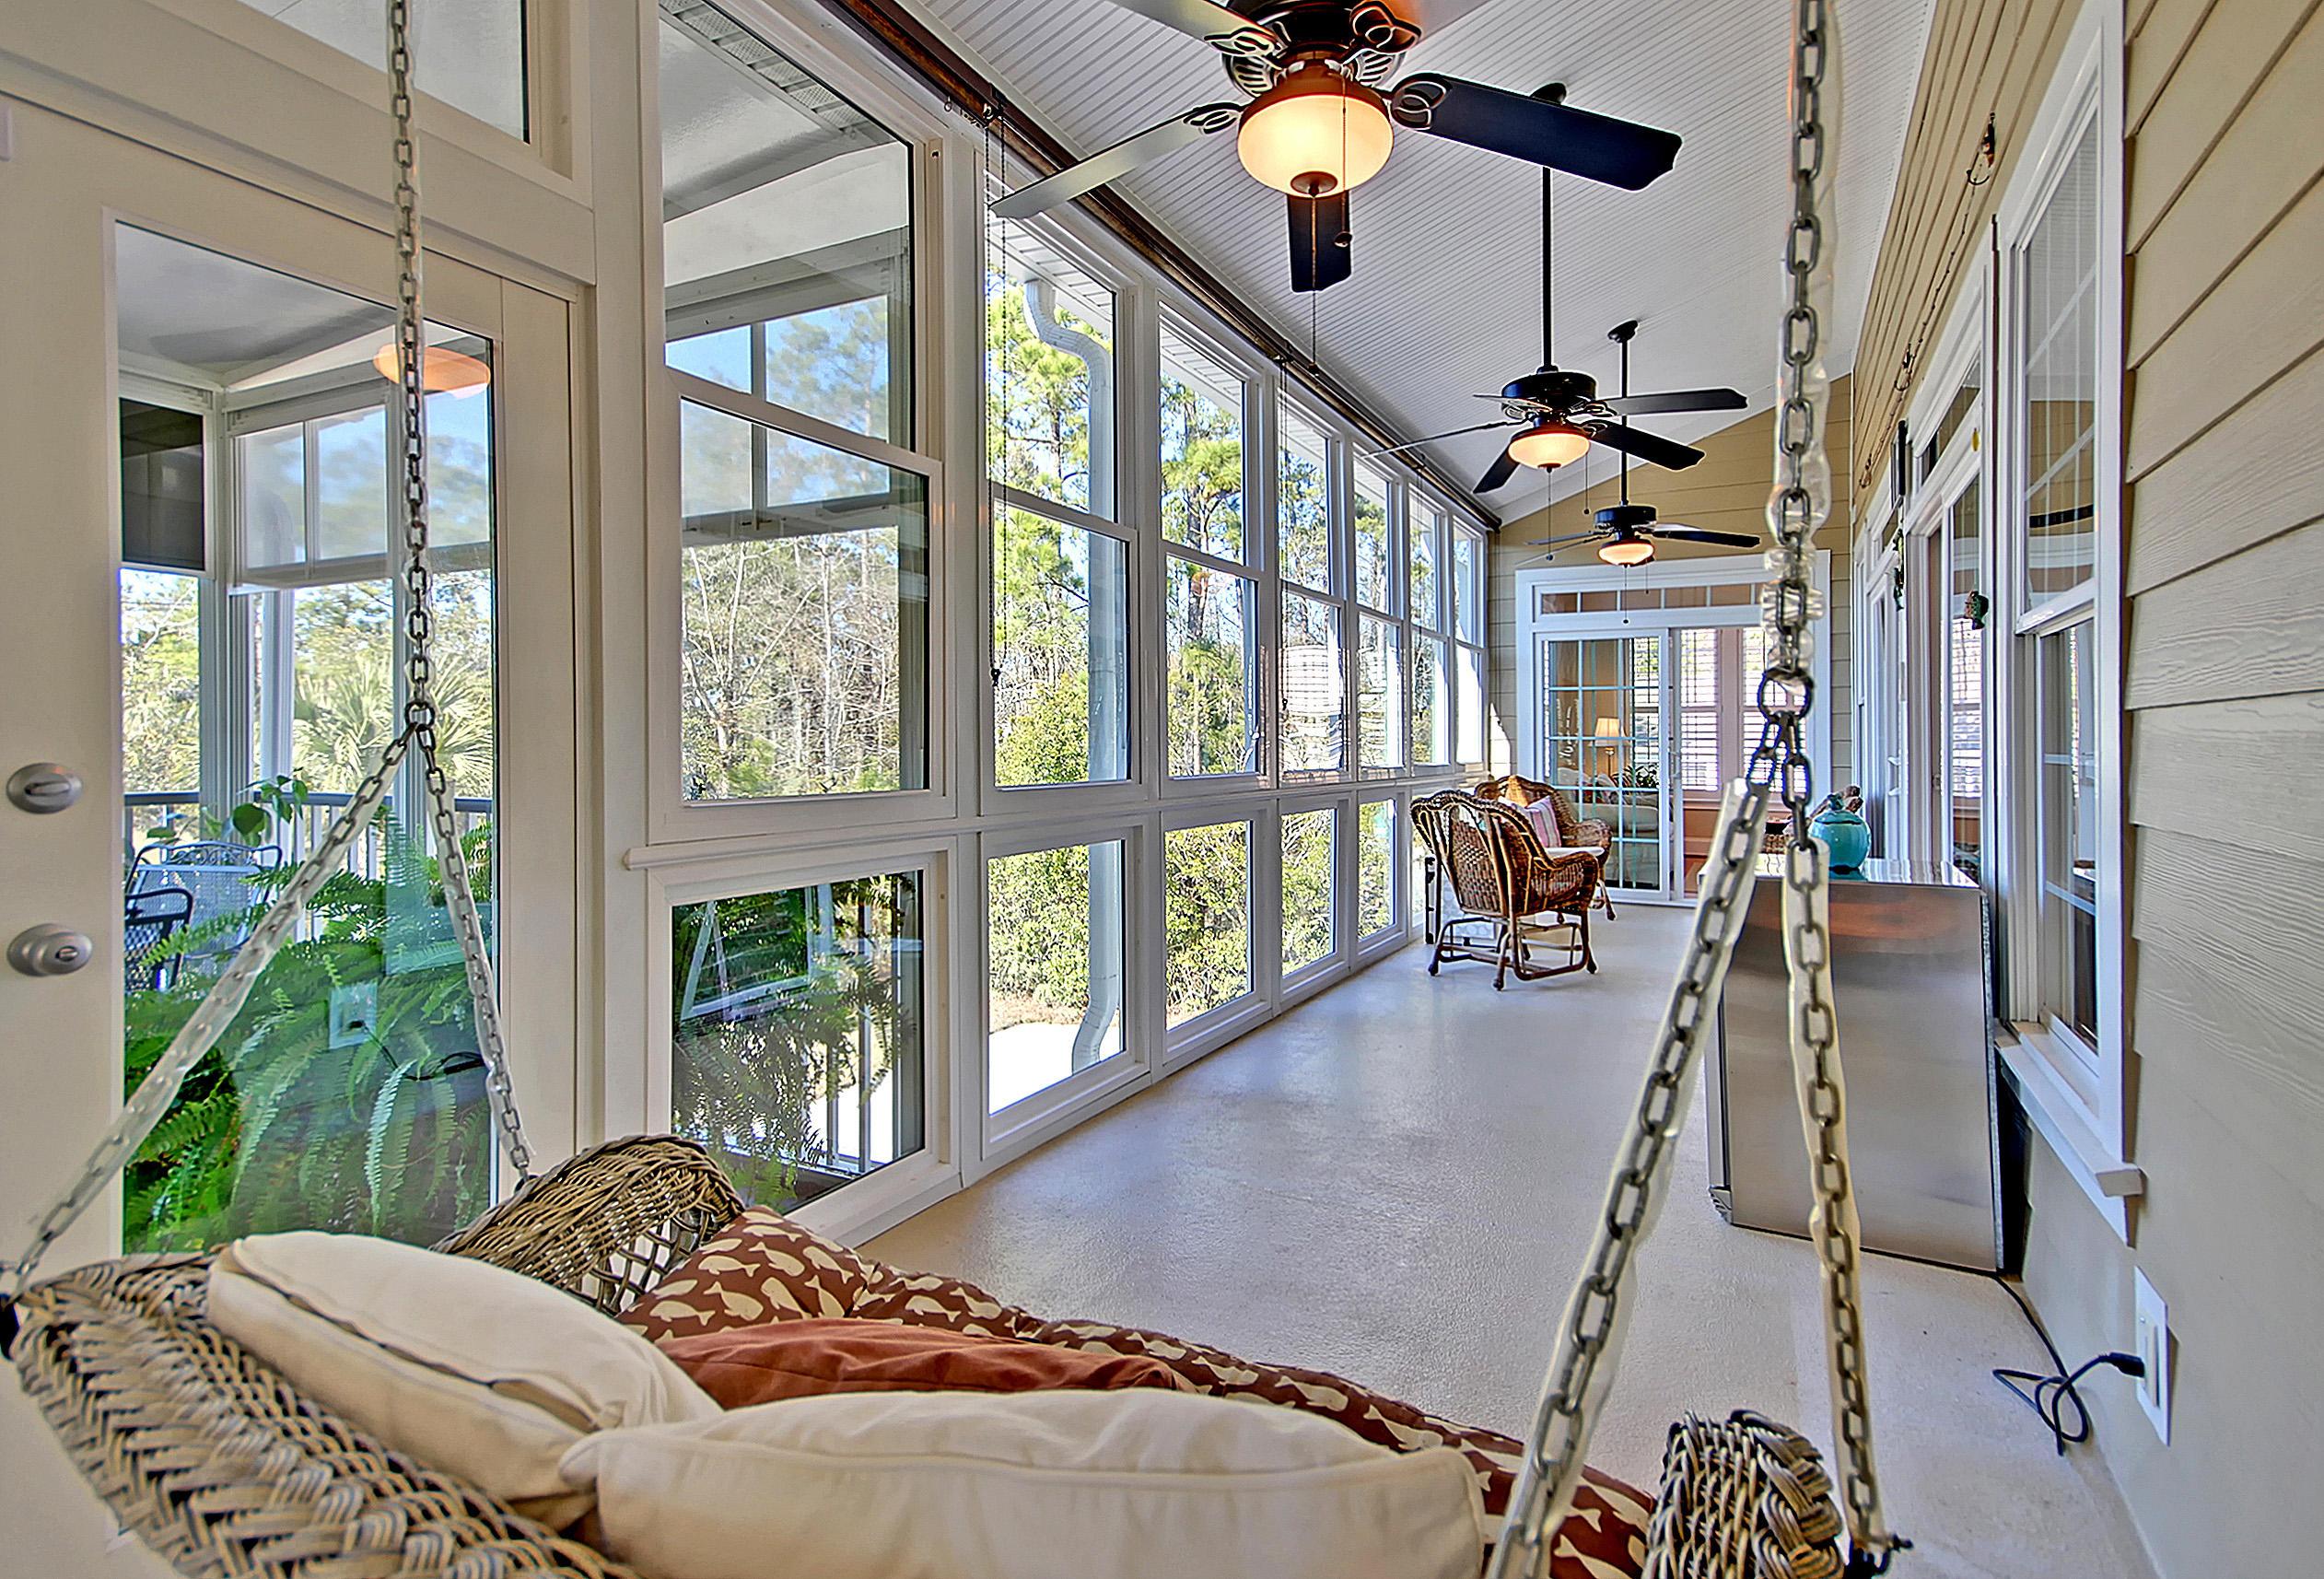 Dunes West Homes For Sale - 2721 Fountainhead, Mount Pleasant, SC - 2